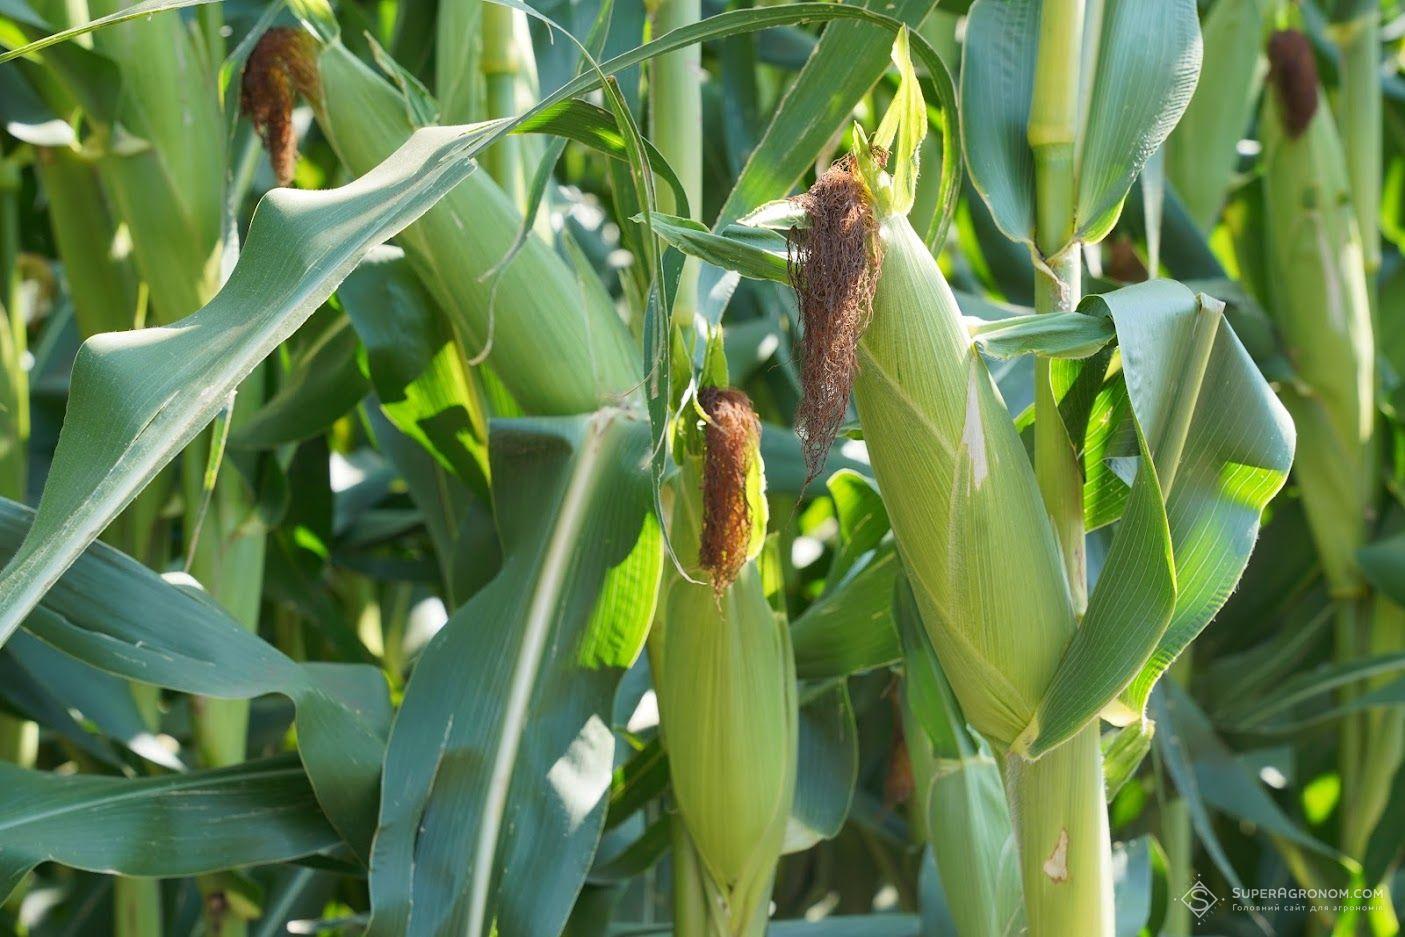 Випробування гібридів кукурудзи, соняшнику, та технологій вирощування культур на Черкащині: що побачили аграрії фото 3 LNZ Group